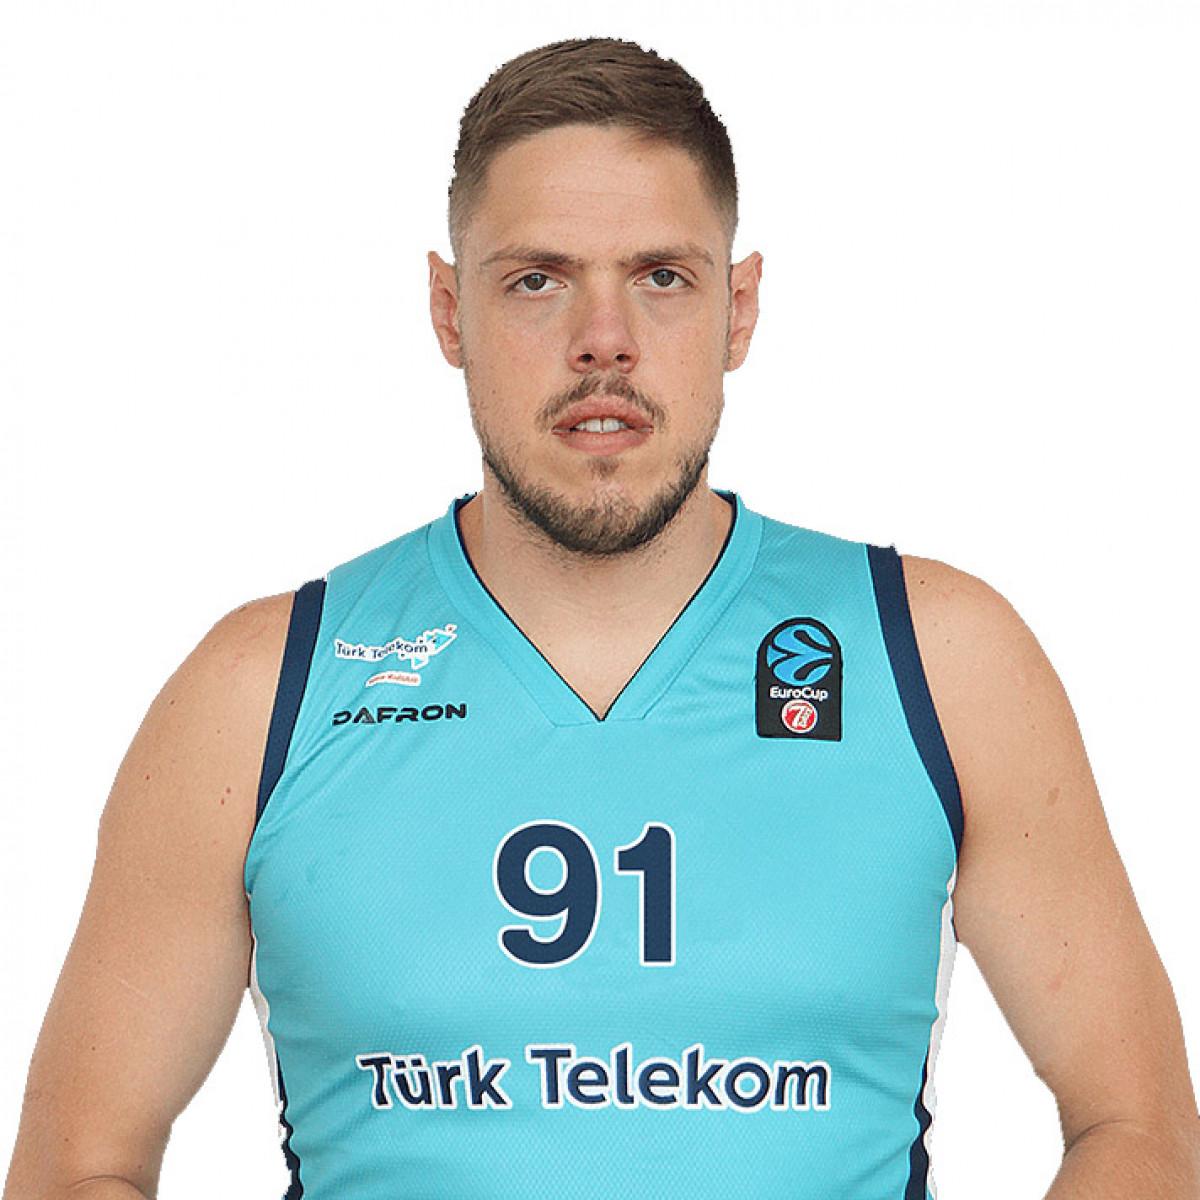 Photo of Vladimir Stimac, 2018-2019 season